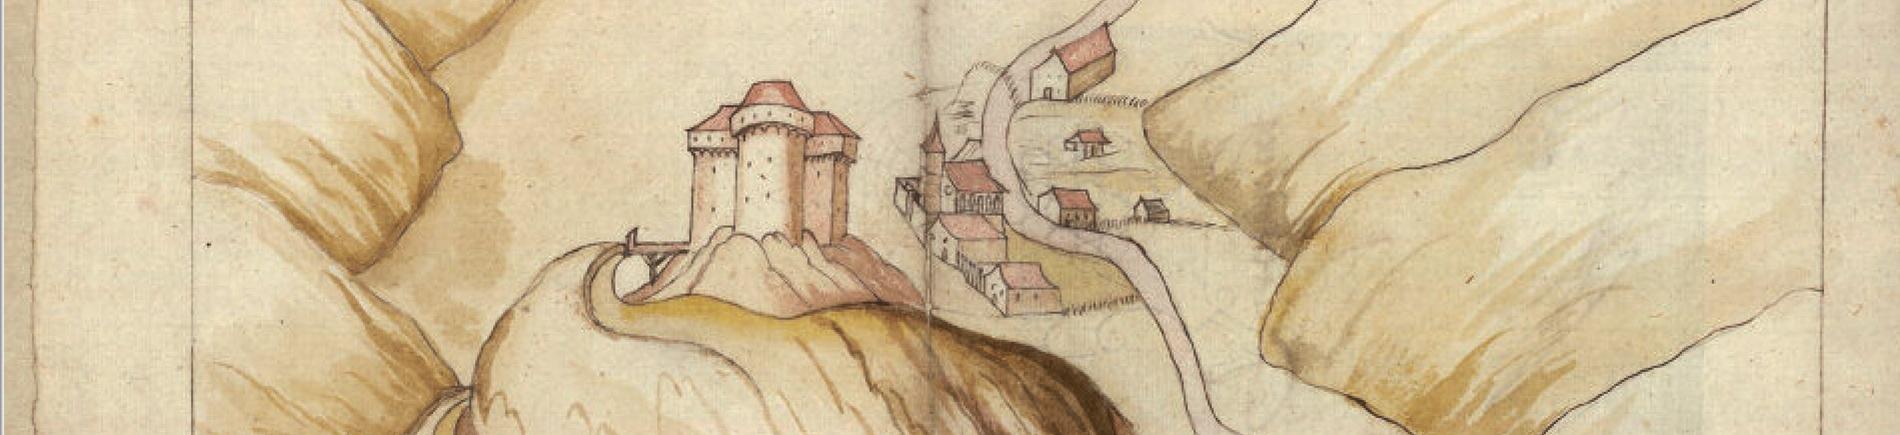 Die Geschichte der Burg in Falkenberg